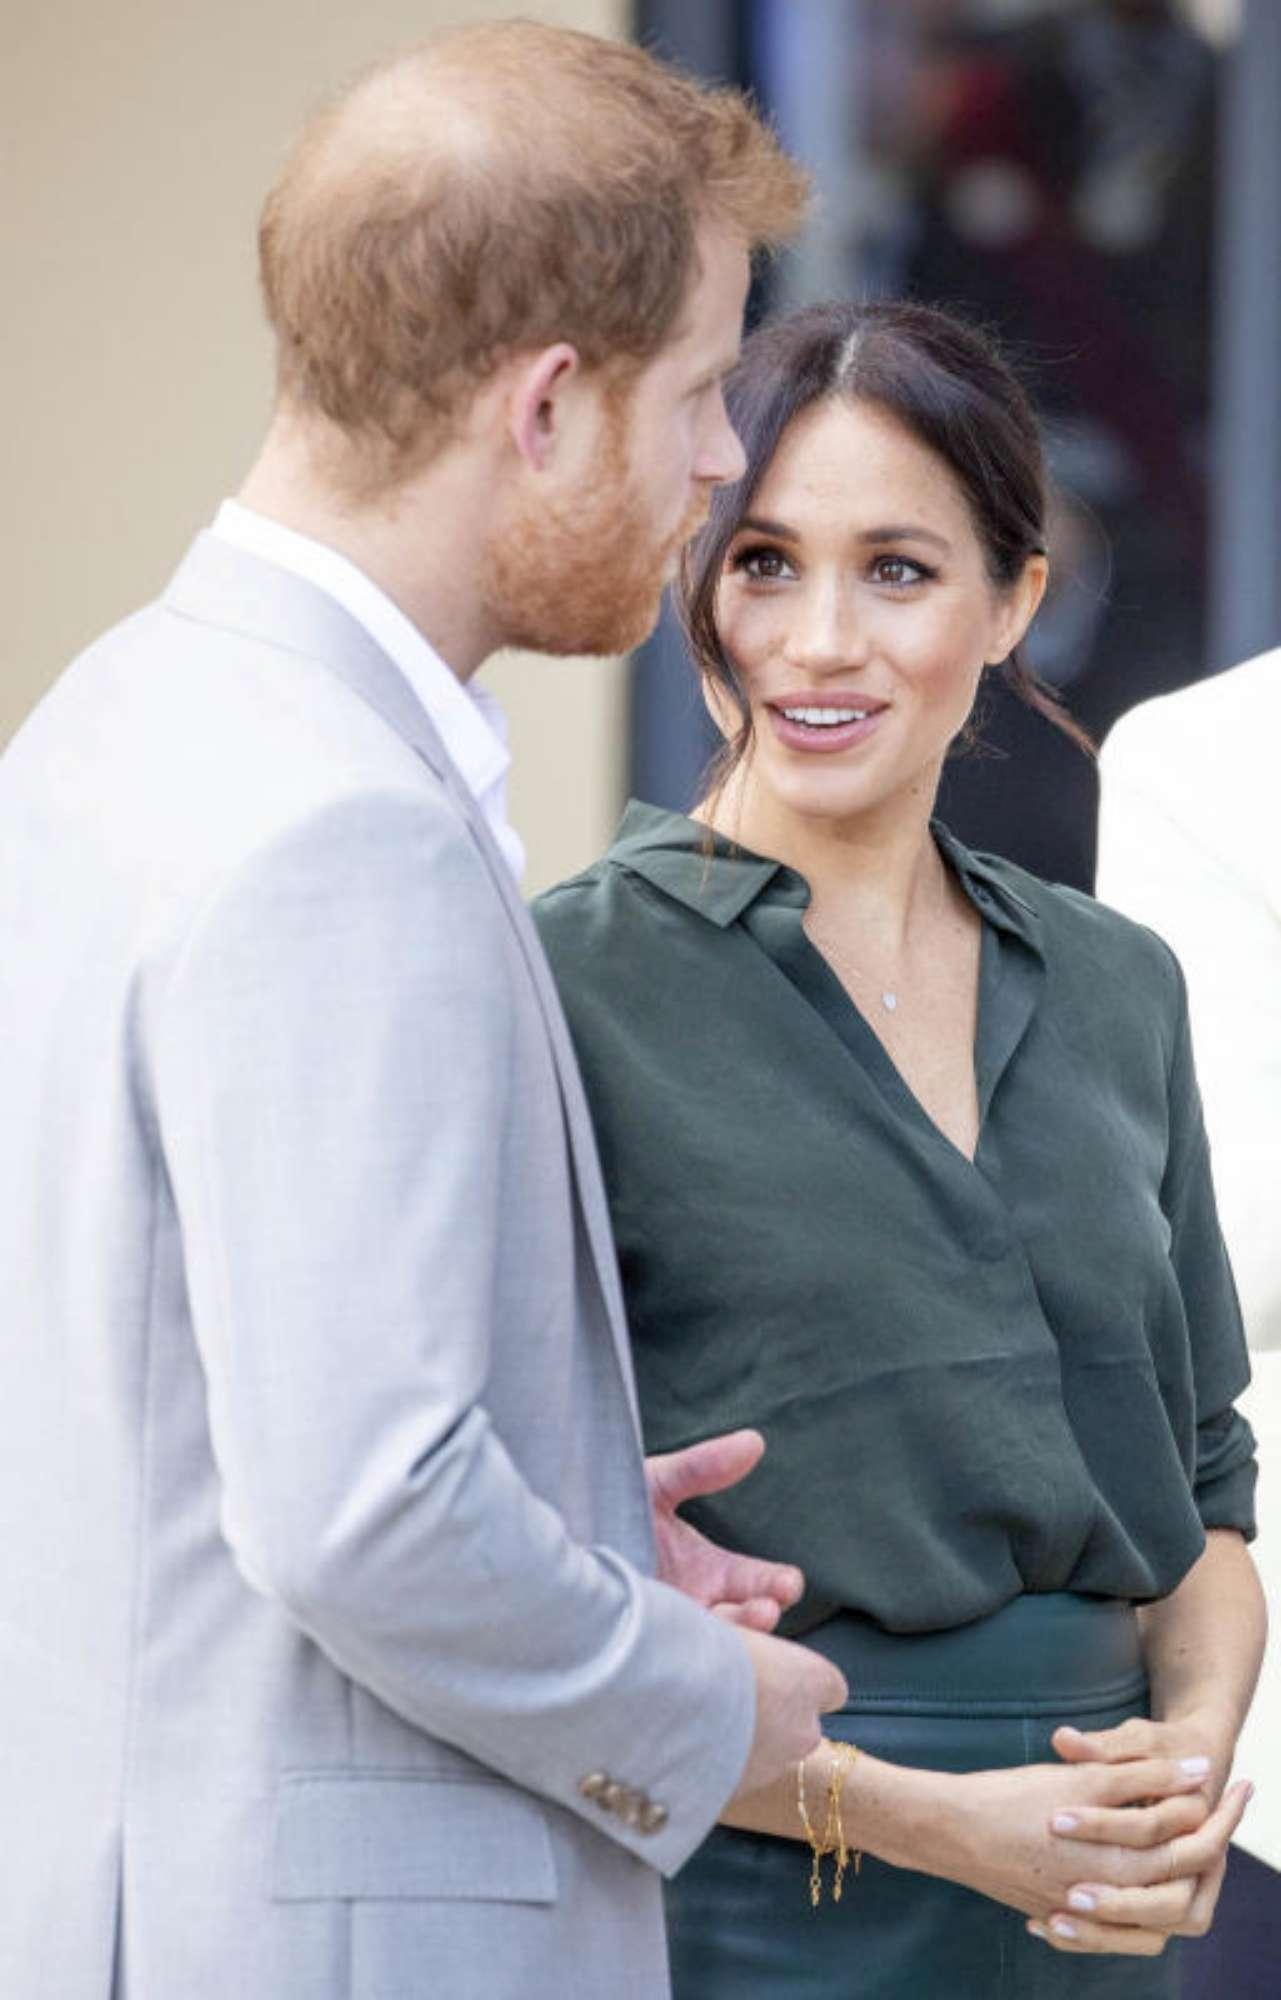 Meghan e Harry, duchi dagli occhi dolci: guardali mano nella mano nel Sussex